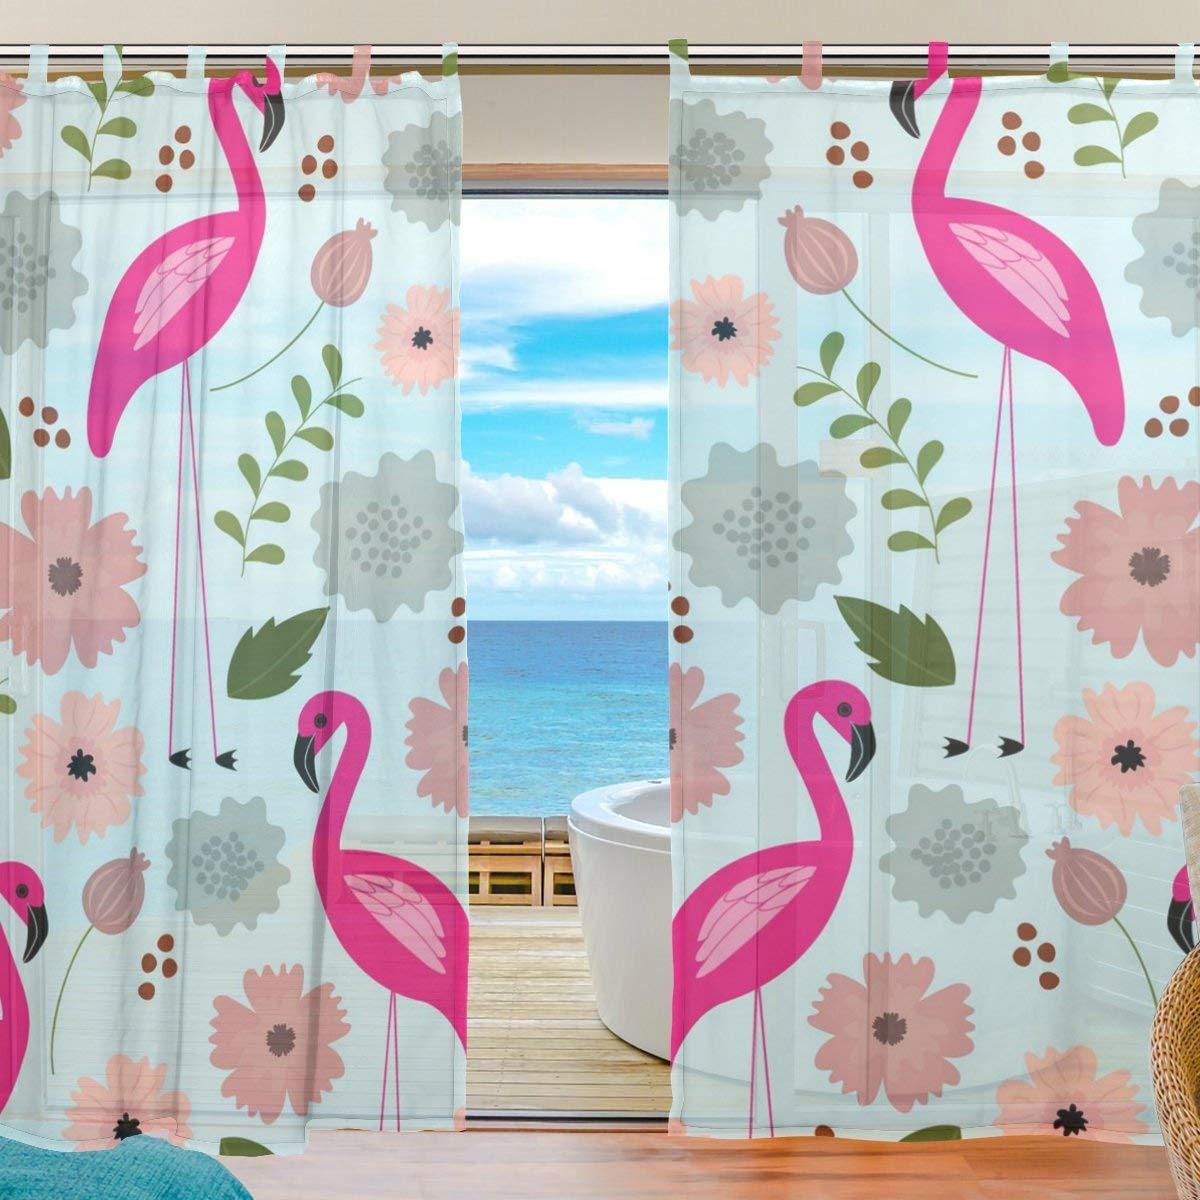 ZOMOY(ユサキ おしゃれ 薄手 柔らかい シェードカーテン紗 ドアカーテン,かわいい フラミンゴ 柄,装飾 窓 部屋 玄関 ベッドルーム 客間用 遮光 カーテン (幅:140cm x丈:210cmx2枚組)   B07PKMCPY5